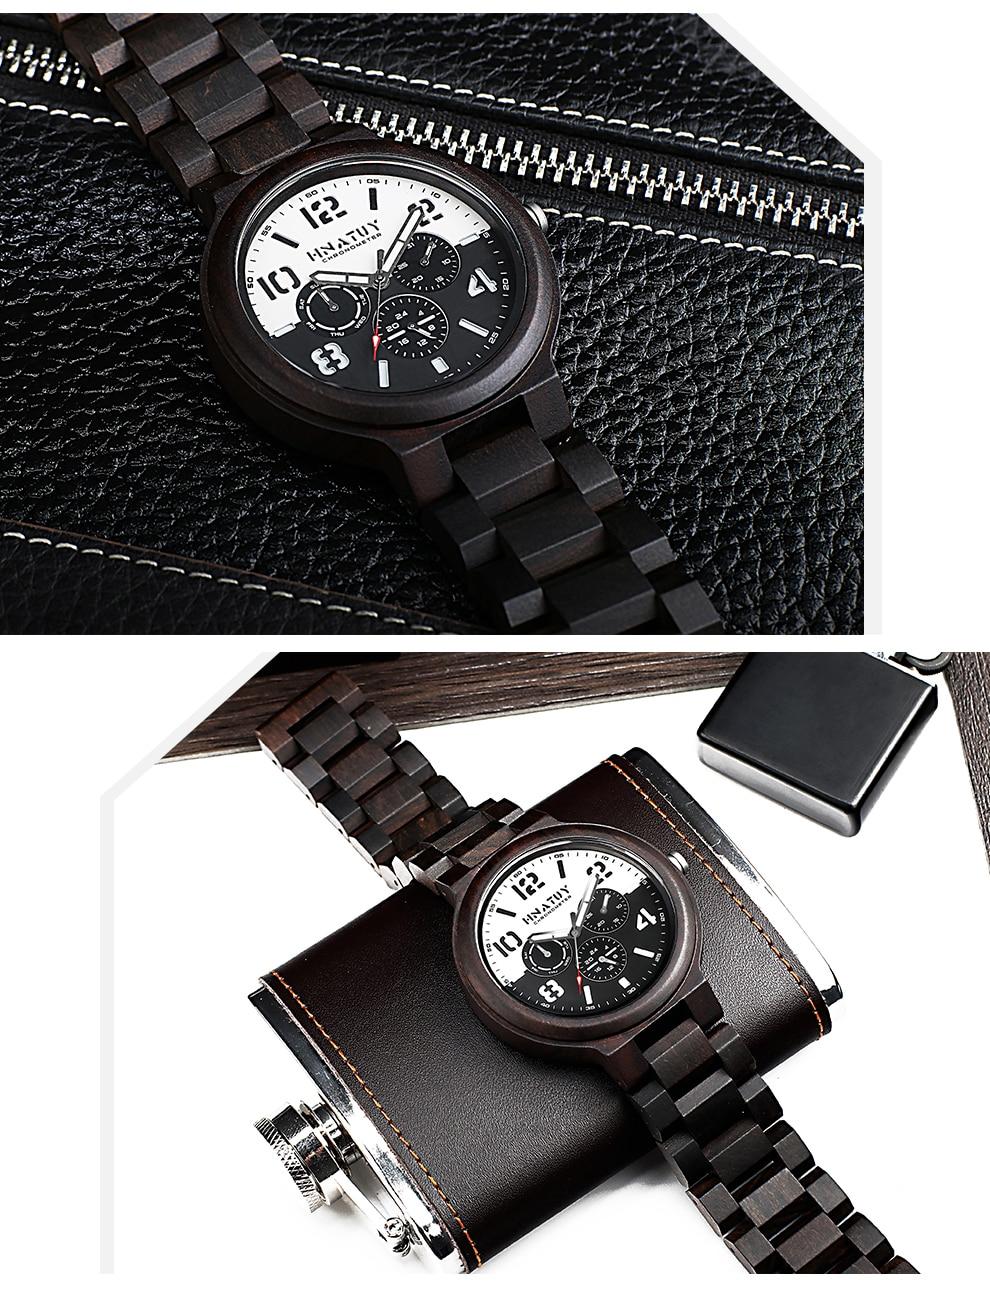 H5475774bd70b45dc99cd716e78ef0e951 Hnatuy Wood Men's Watches Luminous Hands Business Watch